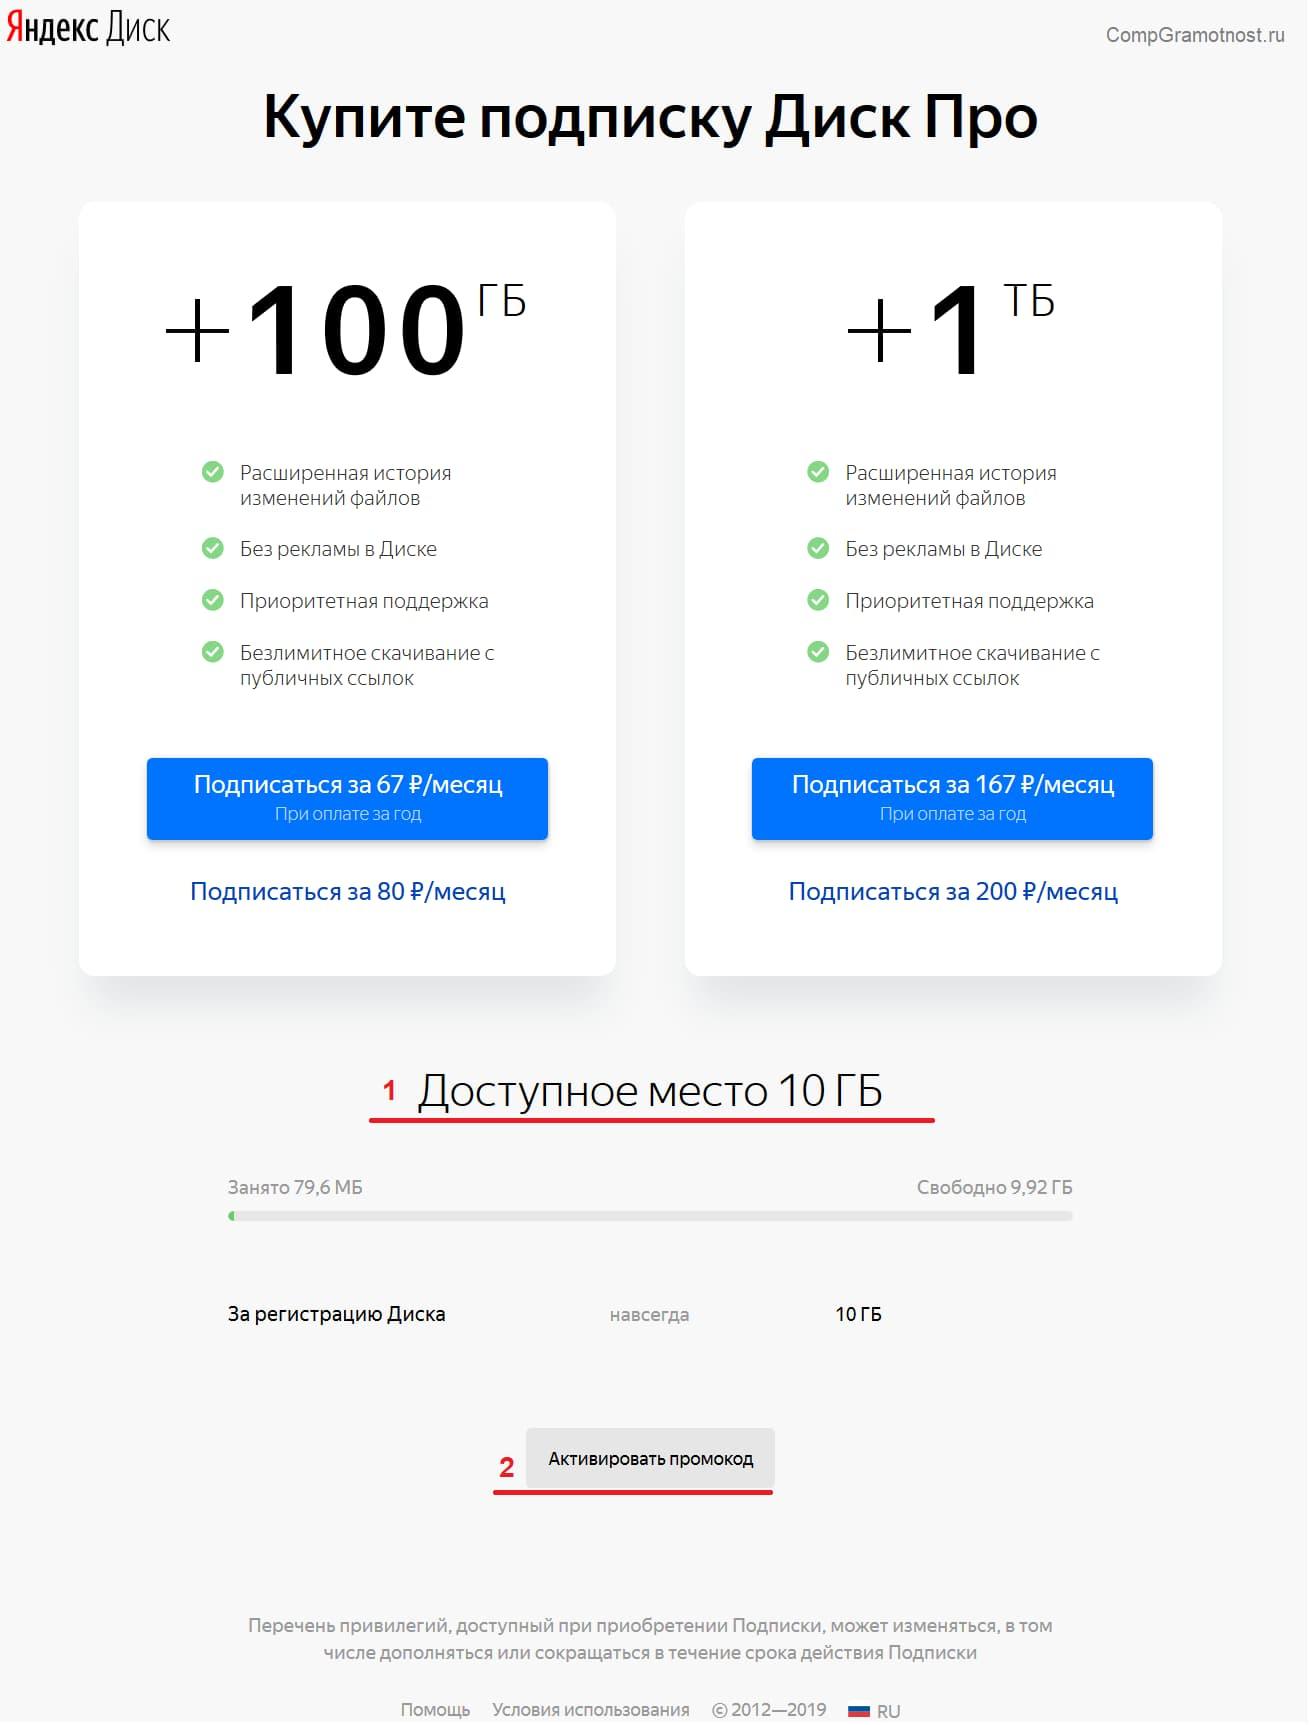 купить место и узнать свободное место на Яндекс Диске